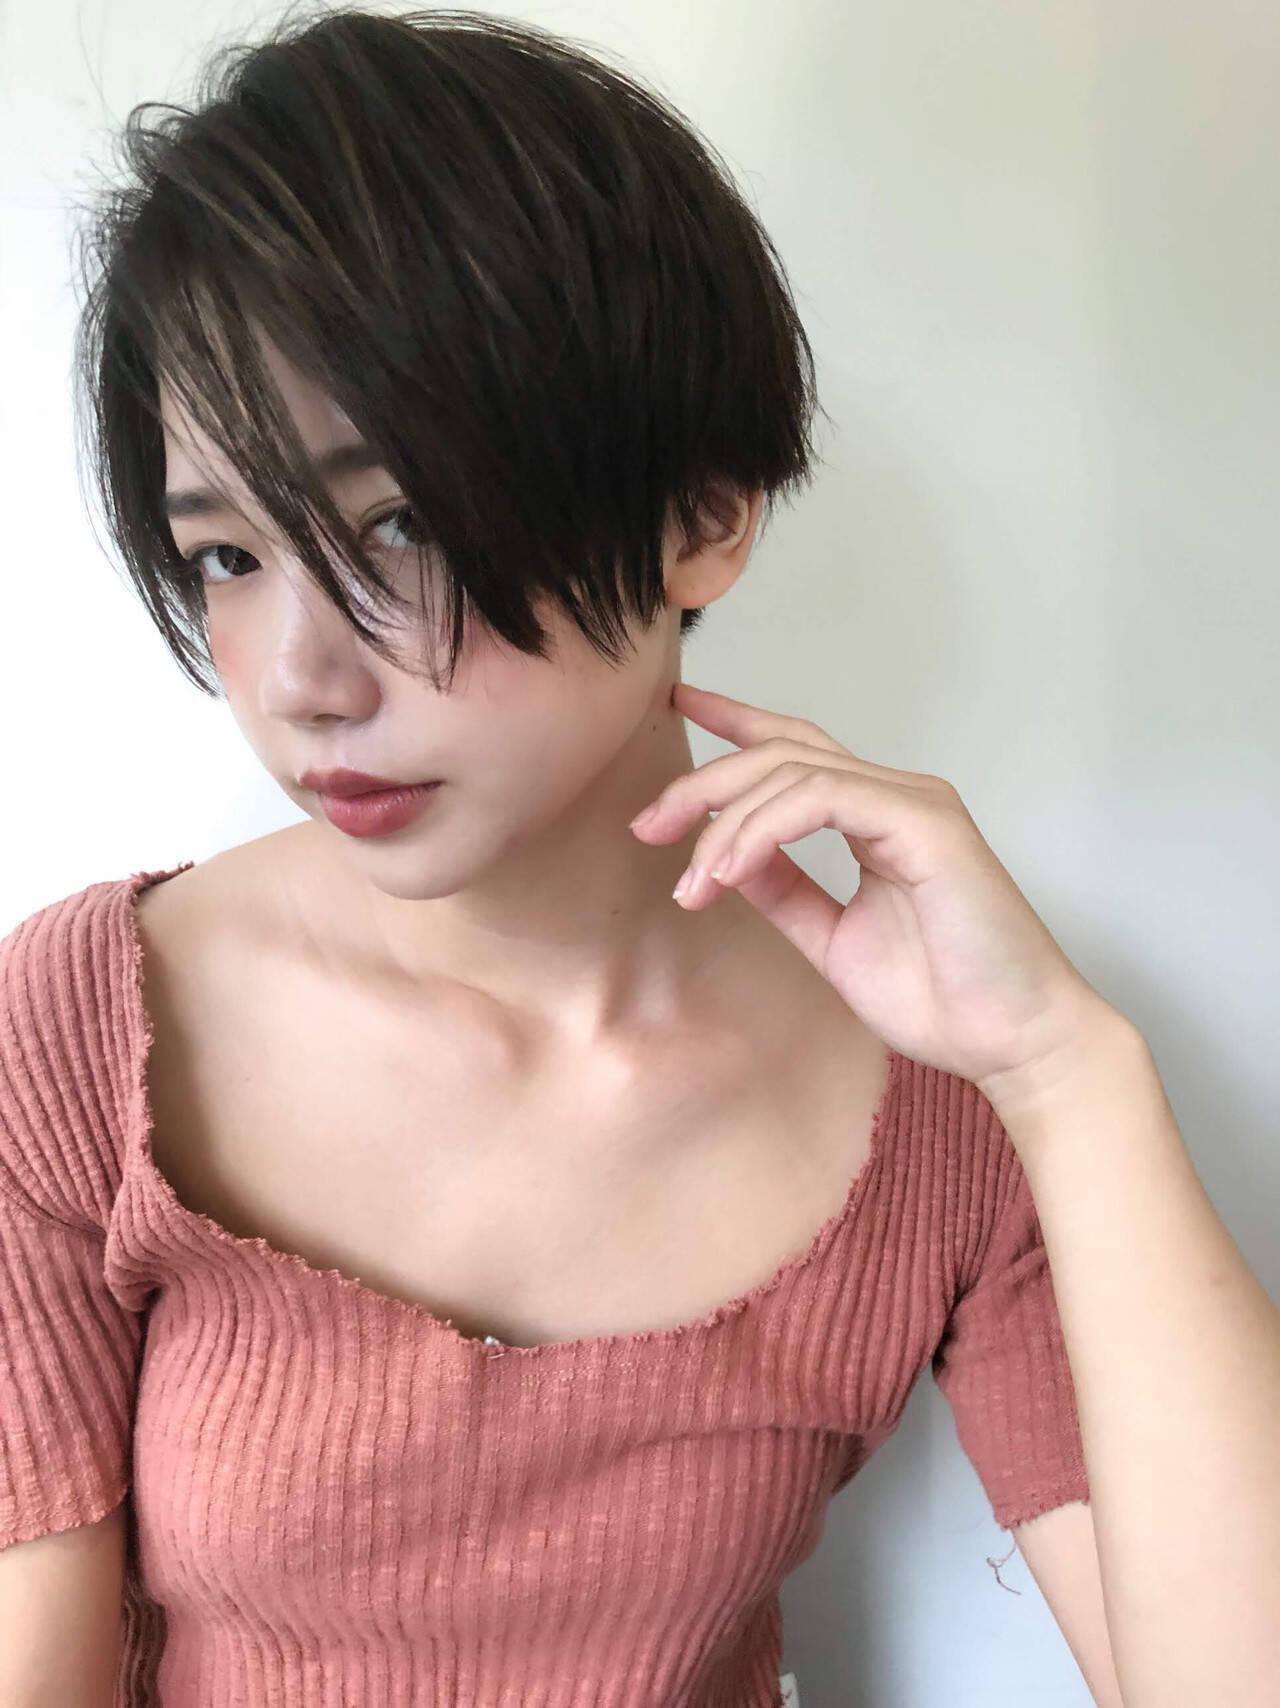 ショートカット 前下がりショート 透け感 アンニュイヘアスタイルや髪型の写真・画像